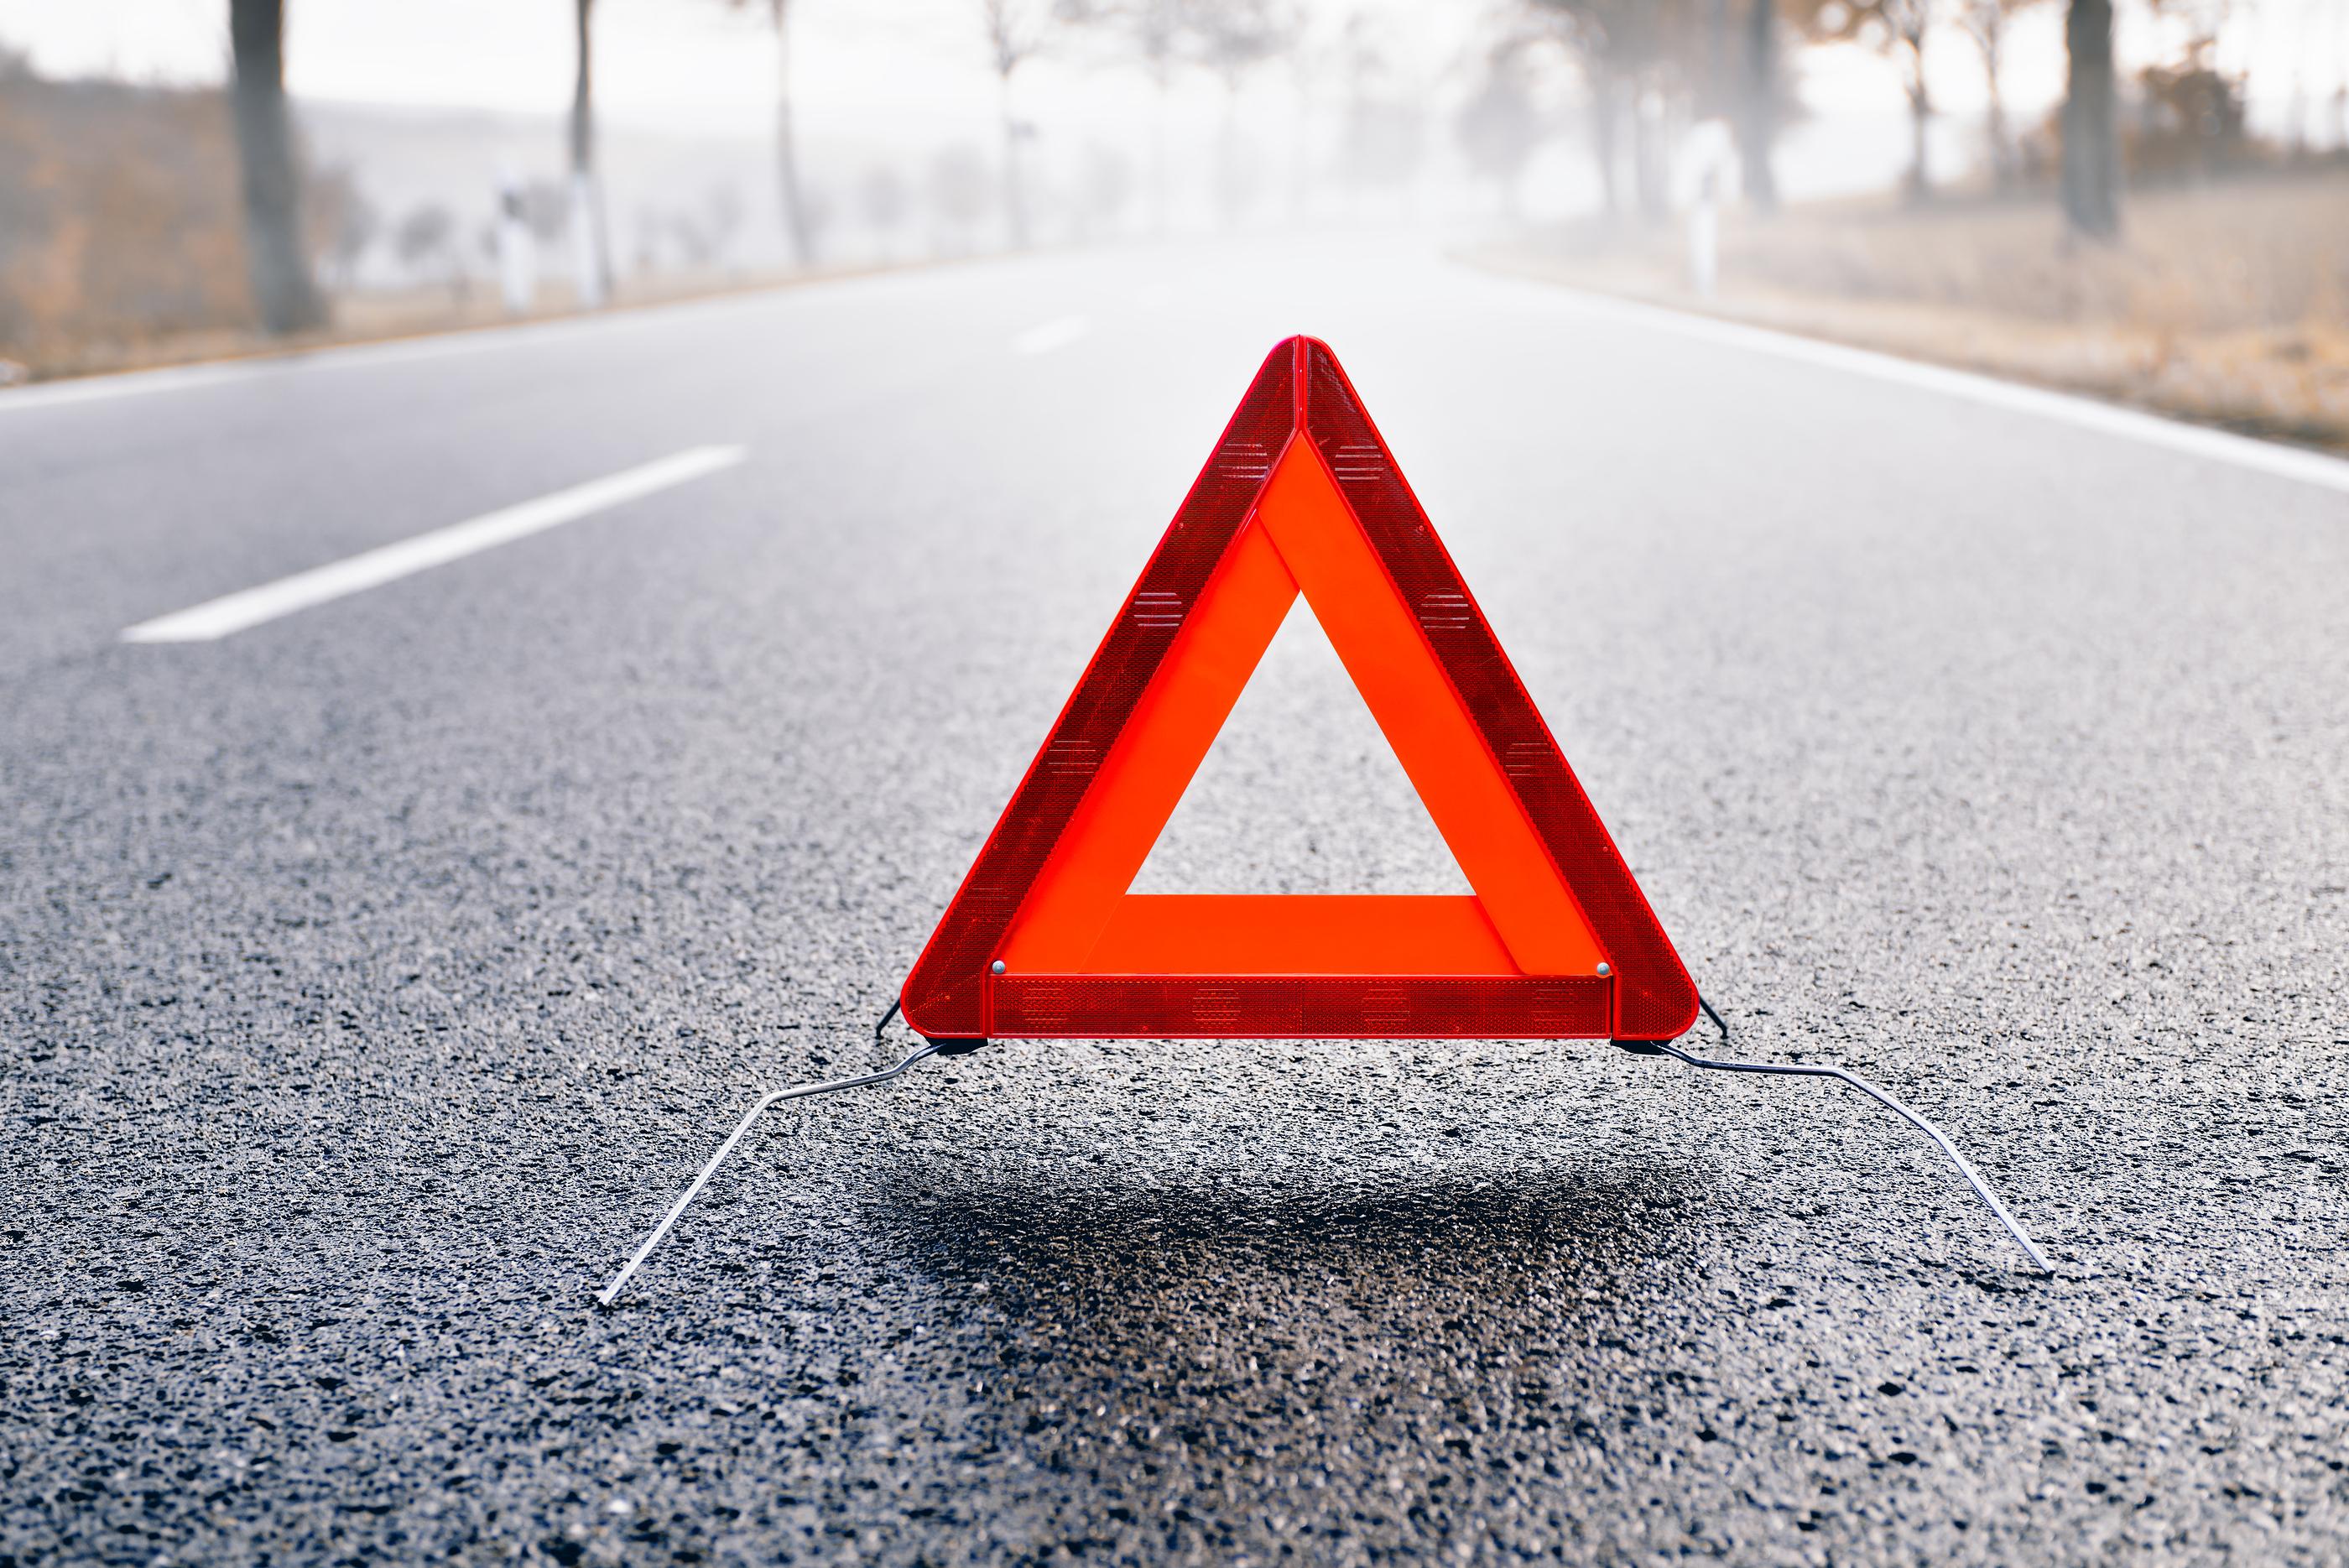 Wypadek na drodze – co robić?